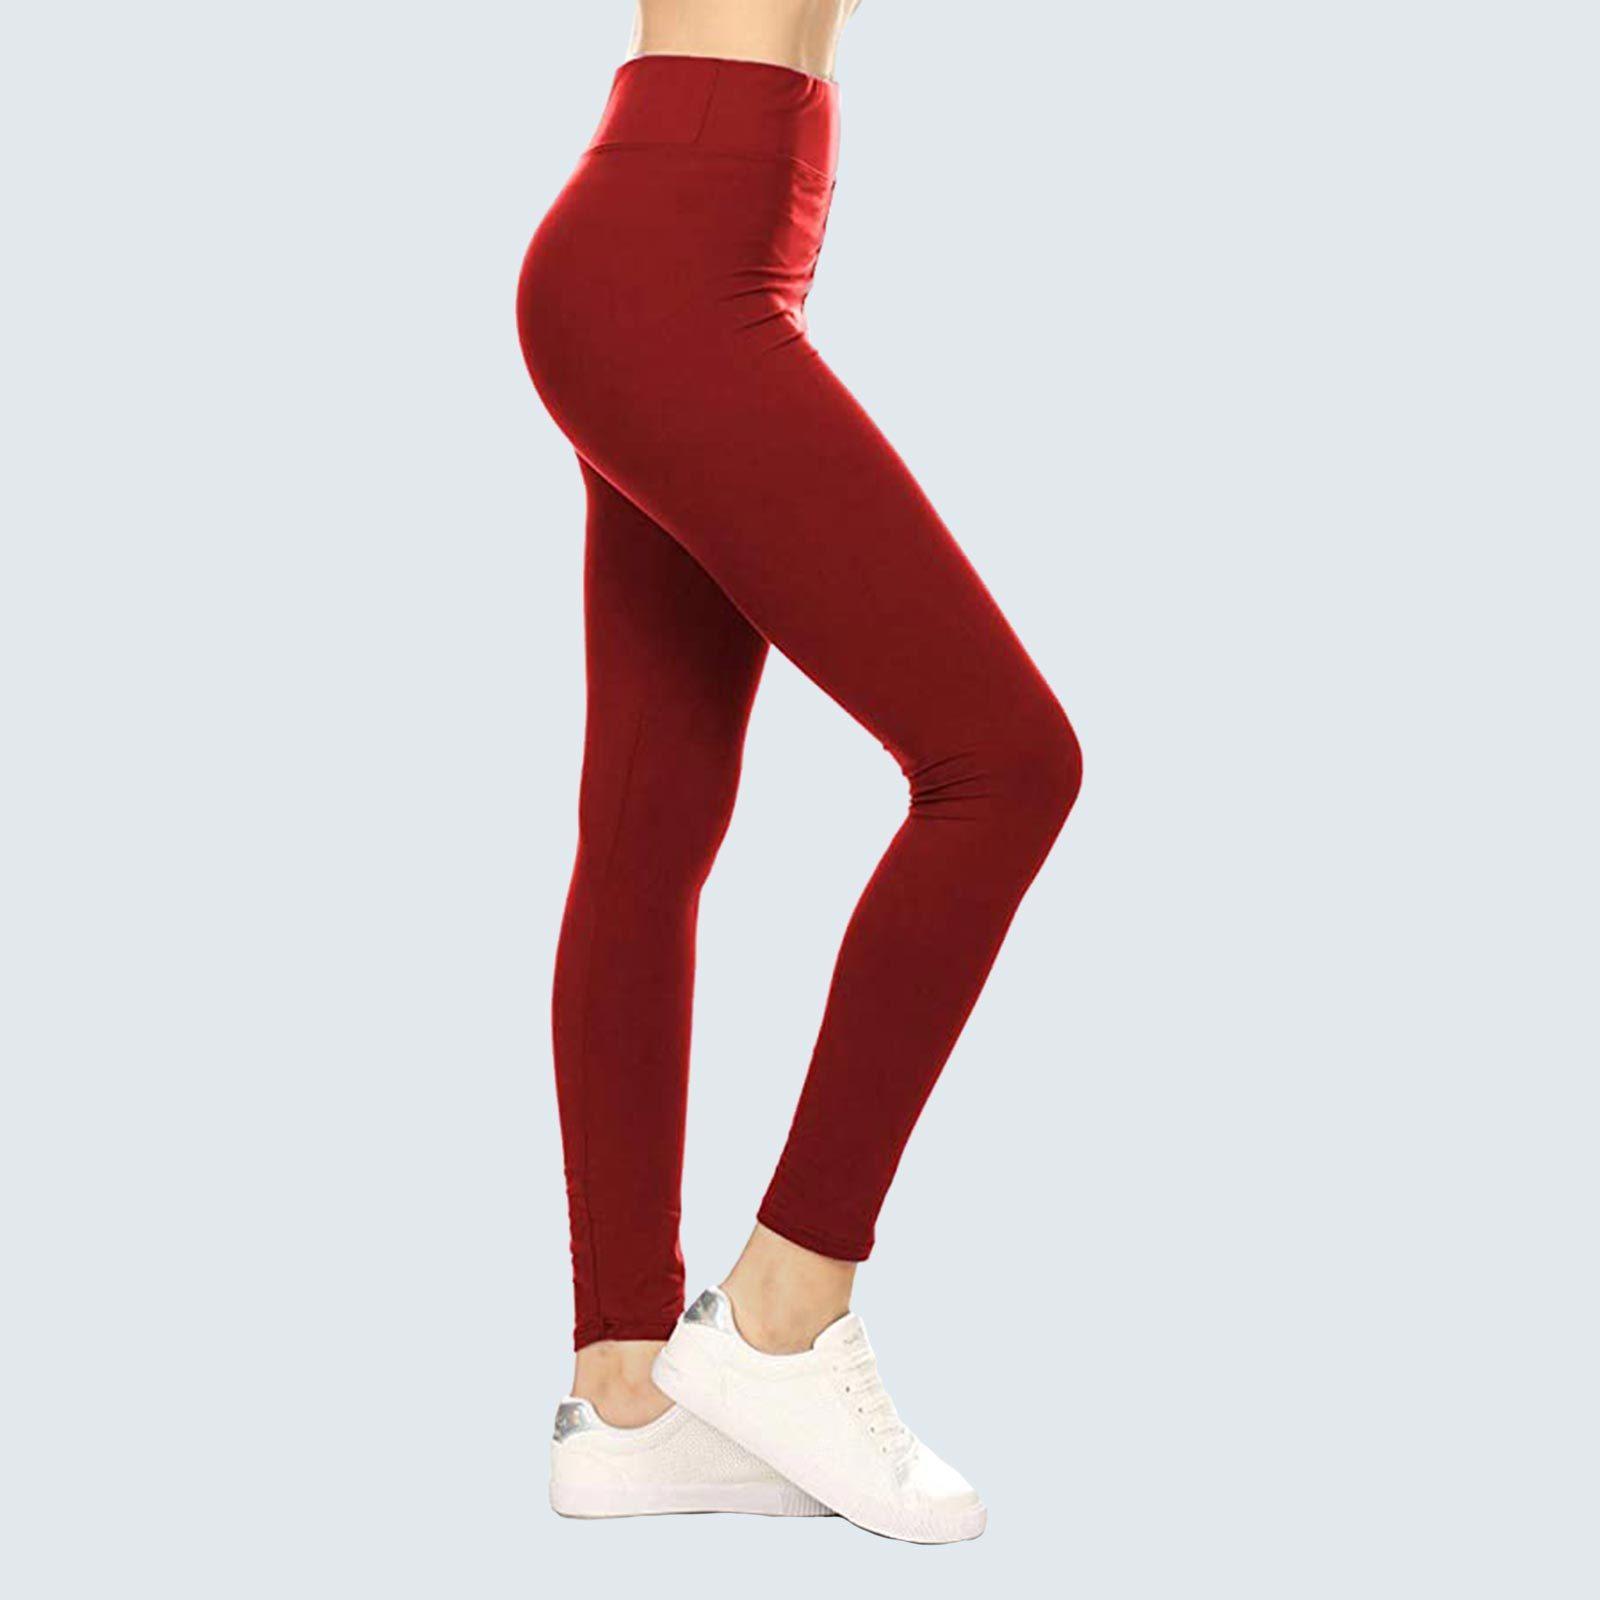 Best budget-friendly leggings: Leggings Depot High Waisted Yoga Leggings